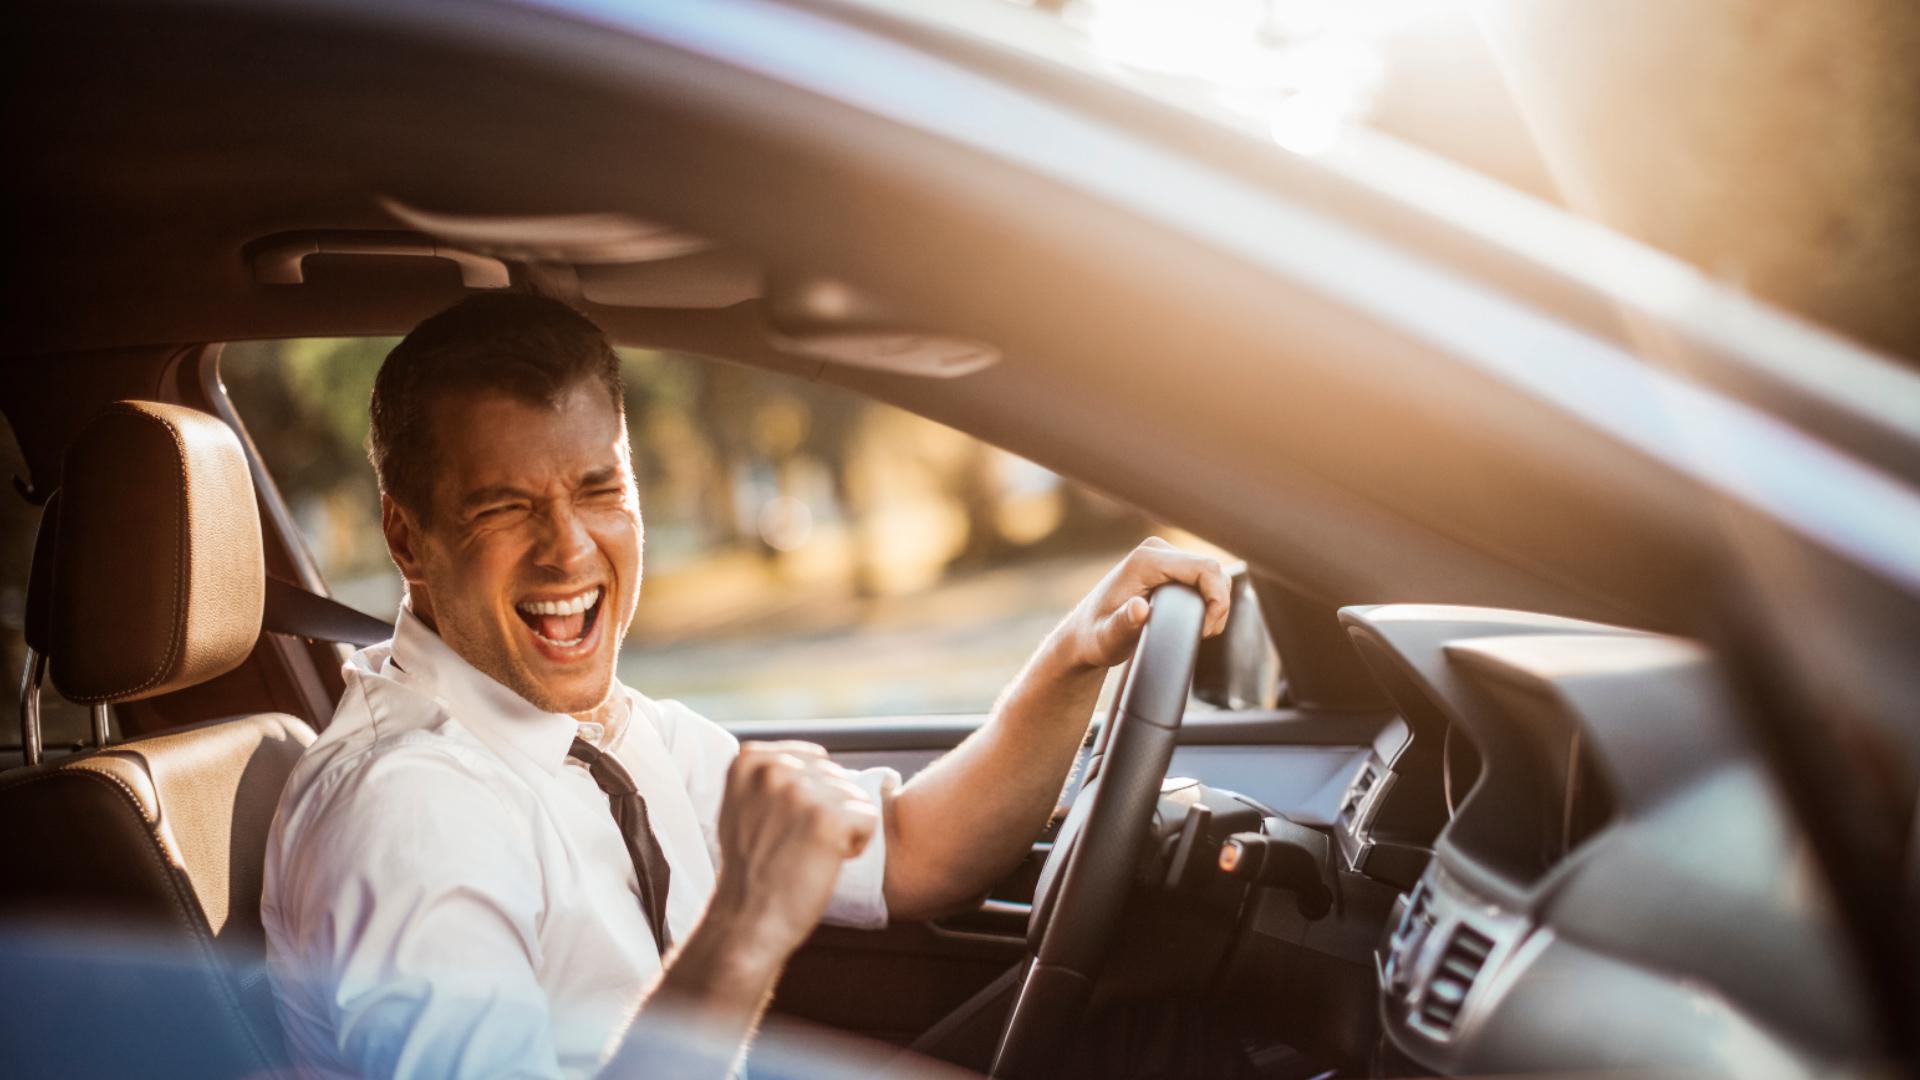 картинки мужчины за рулем автомобиля доминиканской республики очень